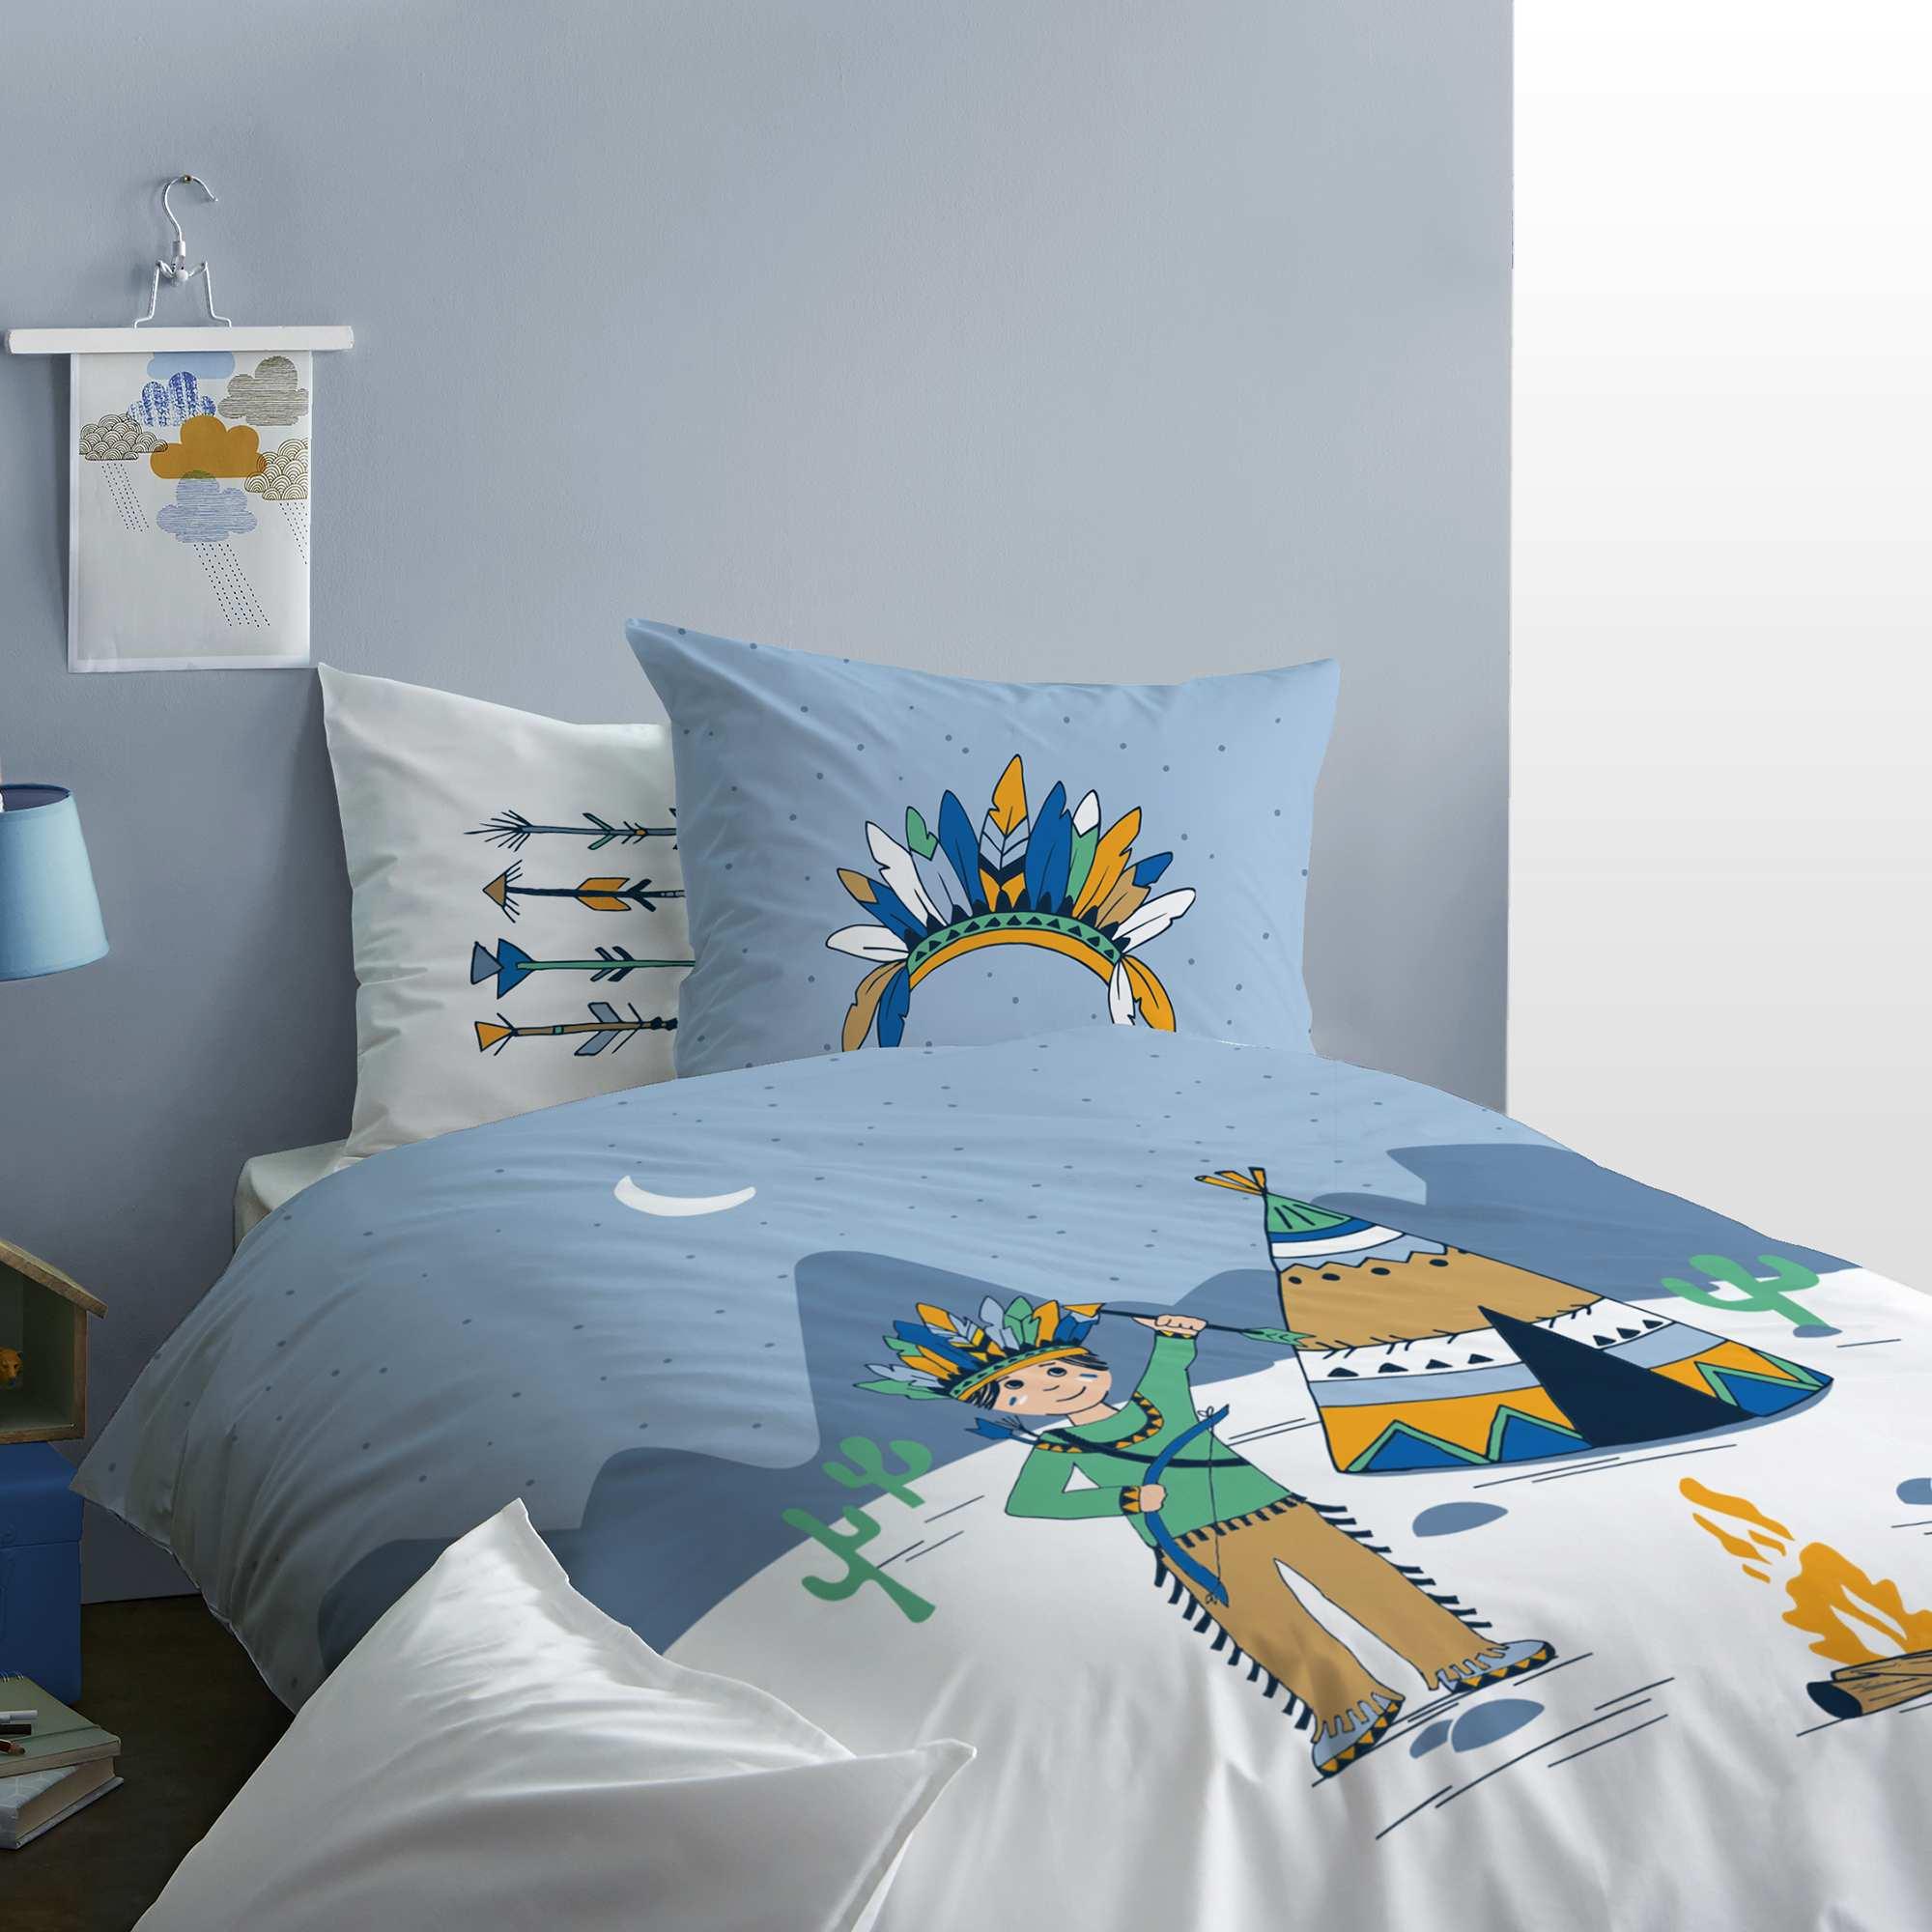 parure de lit r versible 39 petit indien 39 linge de lit blanc bleu kiabi 27 00. Black Bedroom Furniture Sets. Home Design Ideas